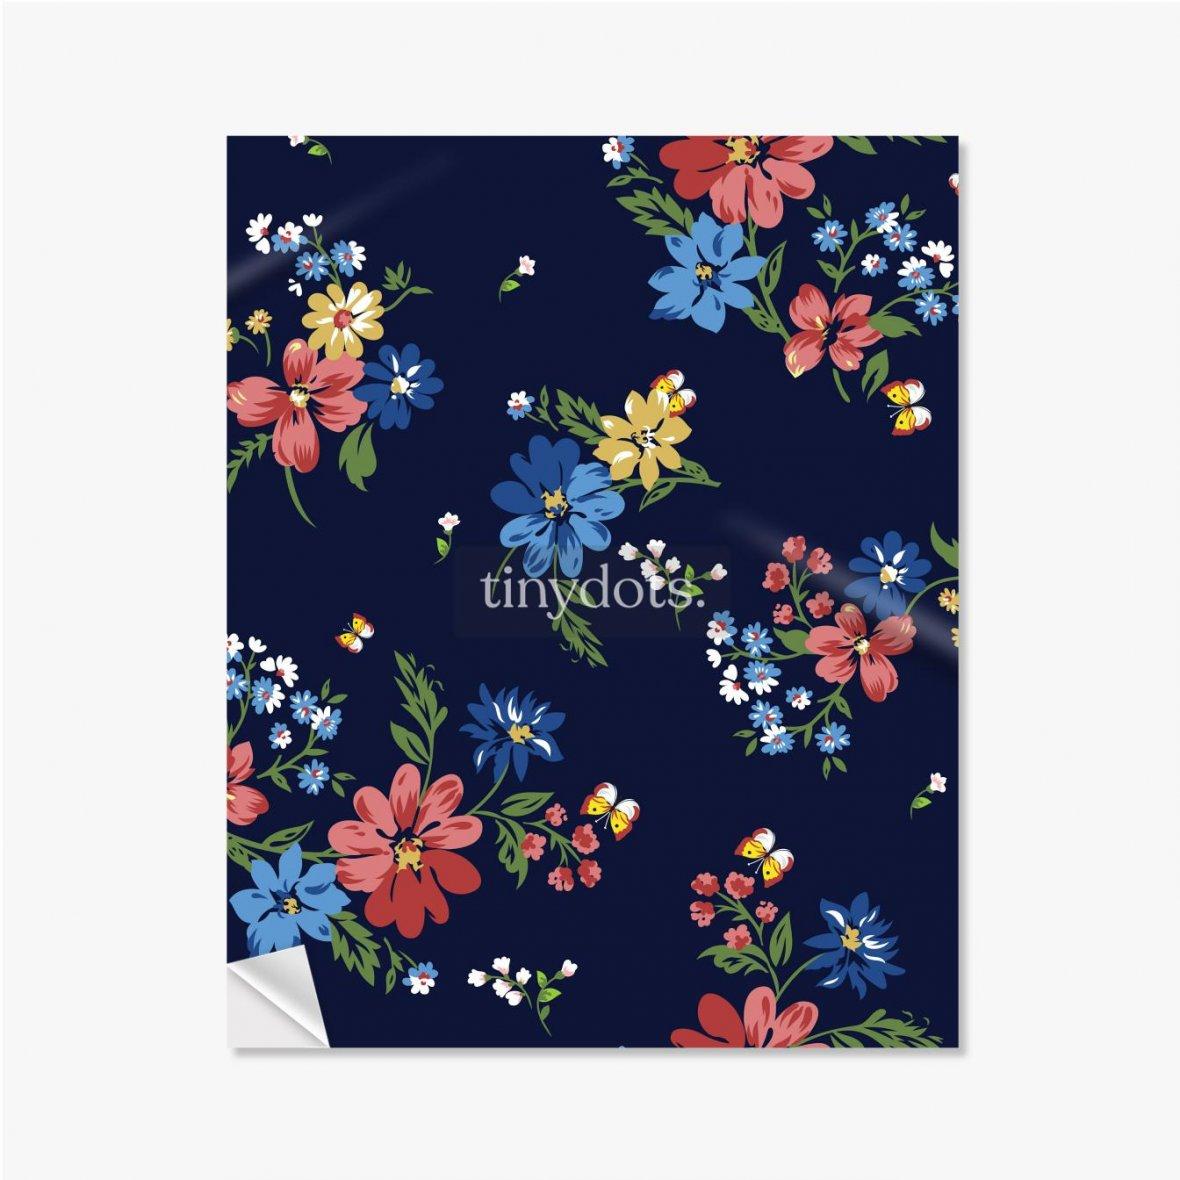 Selbstklebende Poster Buntes Blumenmuster auf einem dunkelblauen Hintergrund